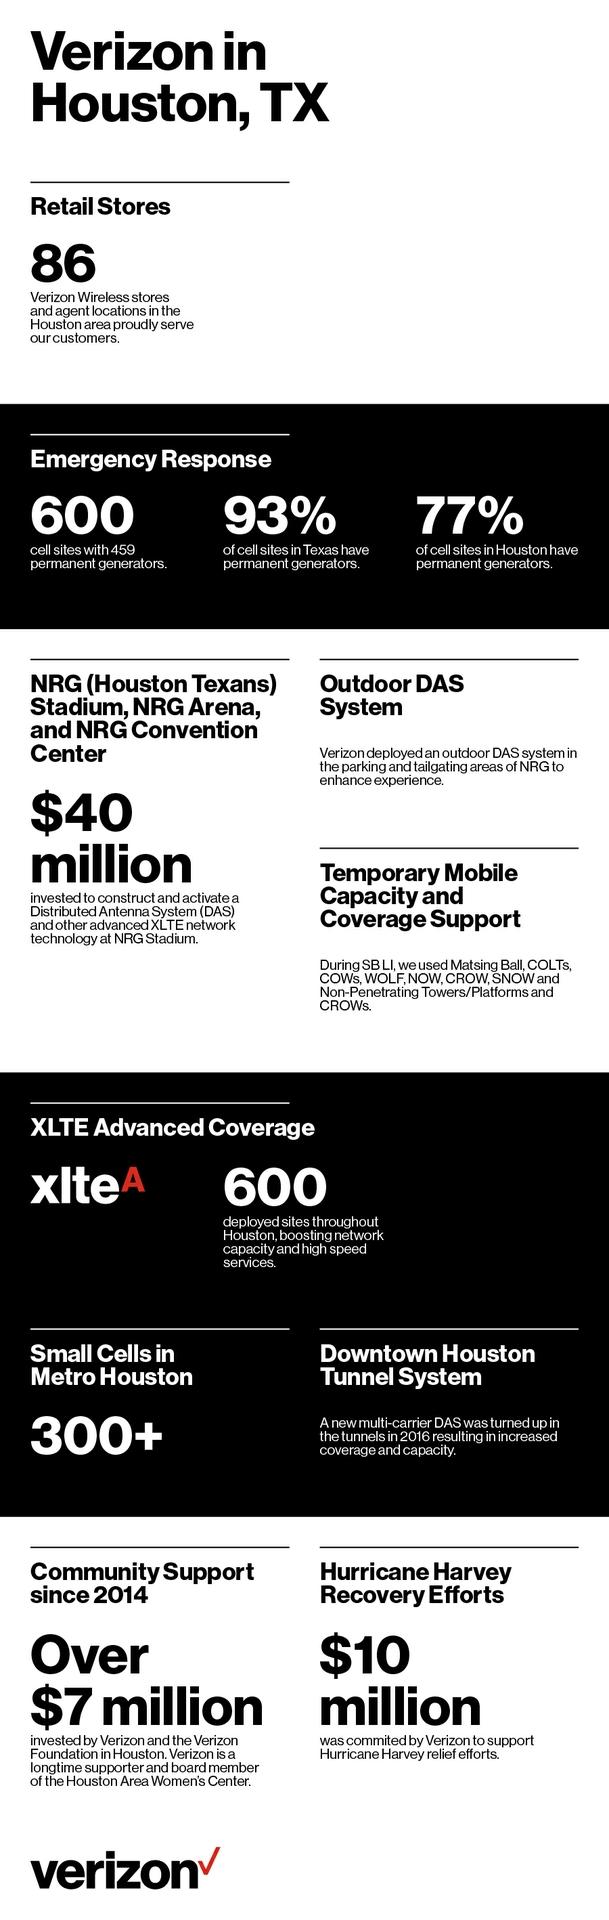 Verizon's history with Houston